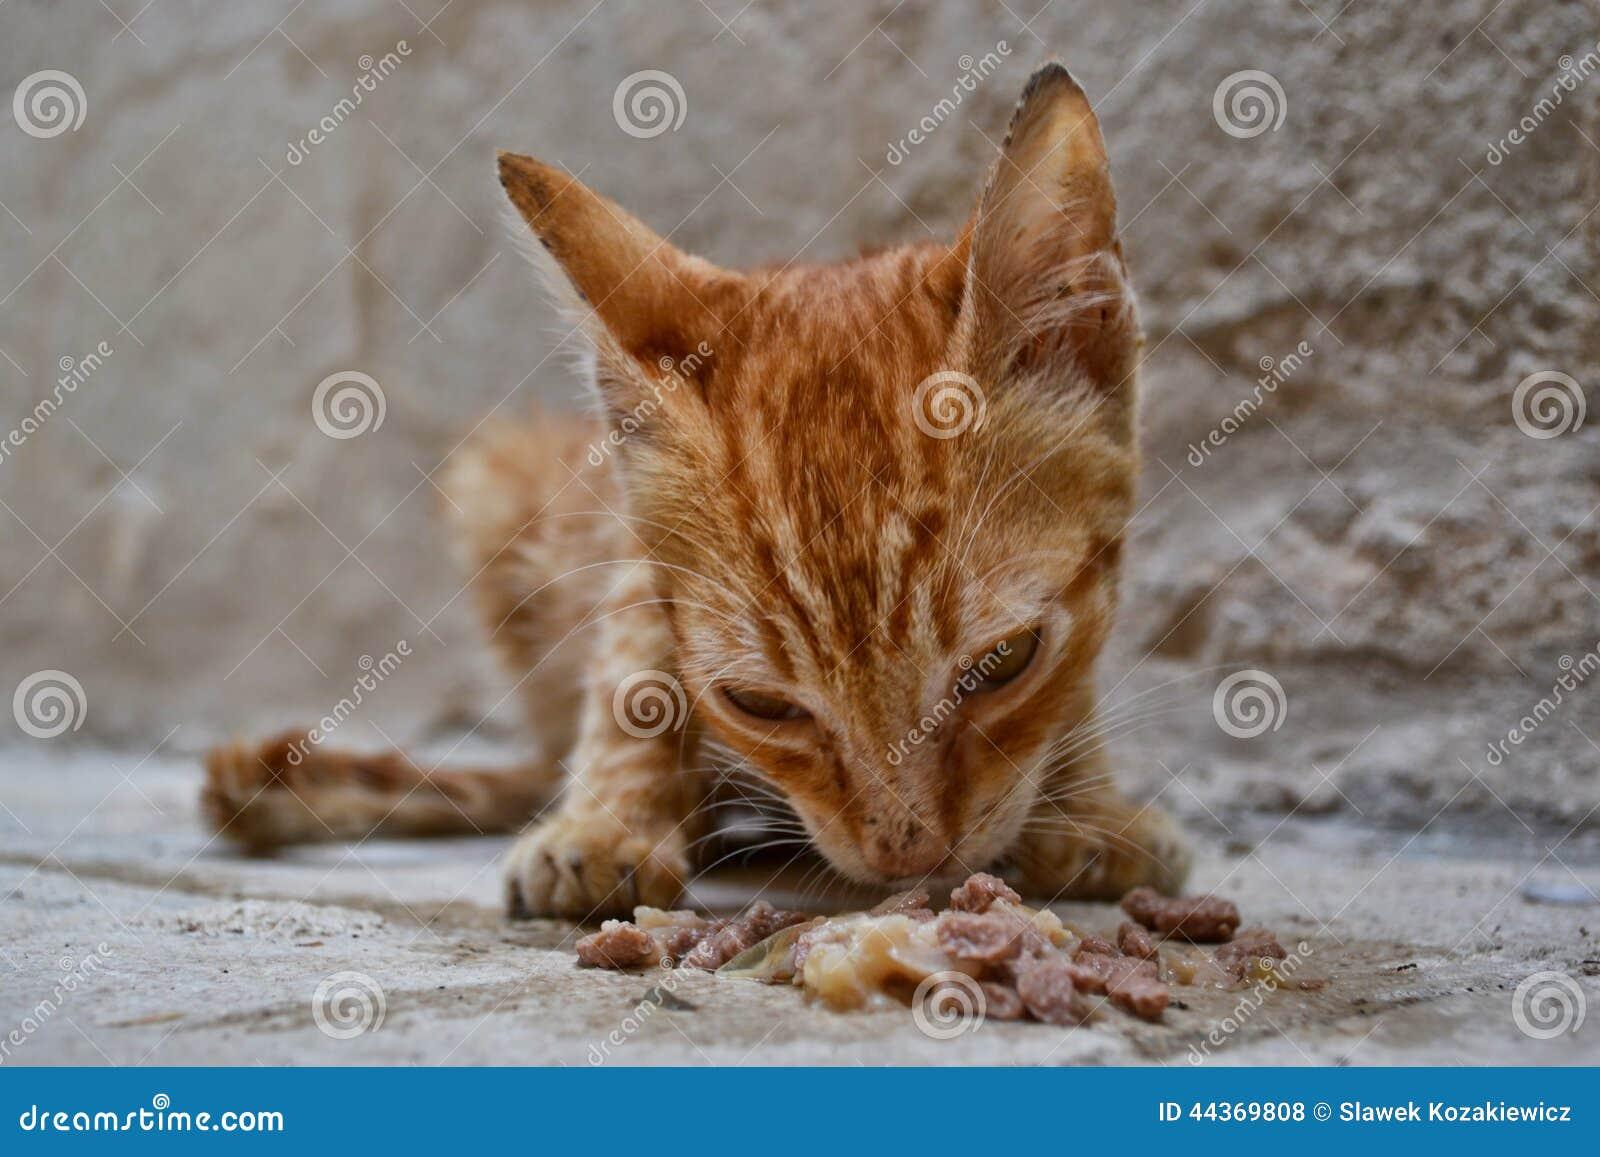 Gattino senza alimenti dello zenzero smarrito che mangia cibo per gatti bagnato